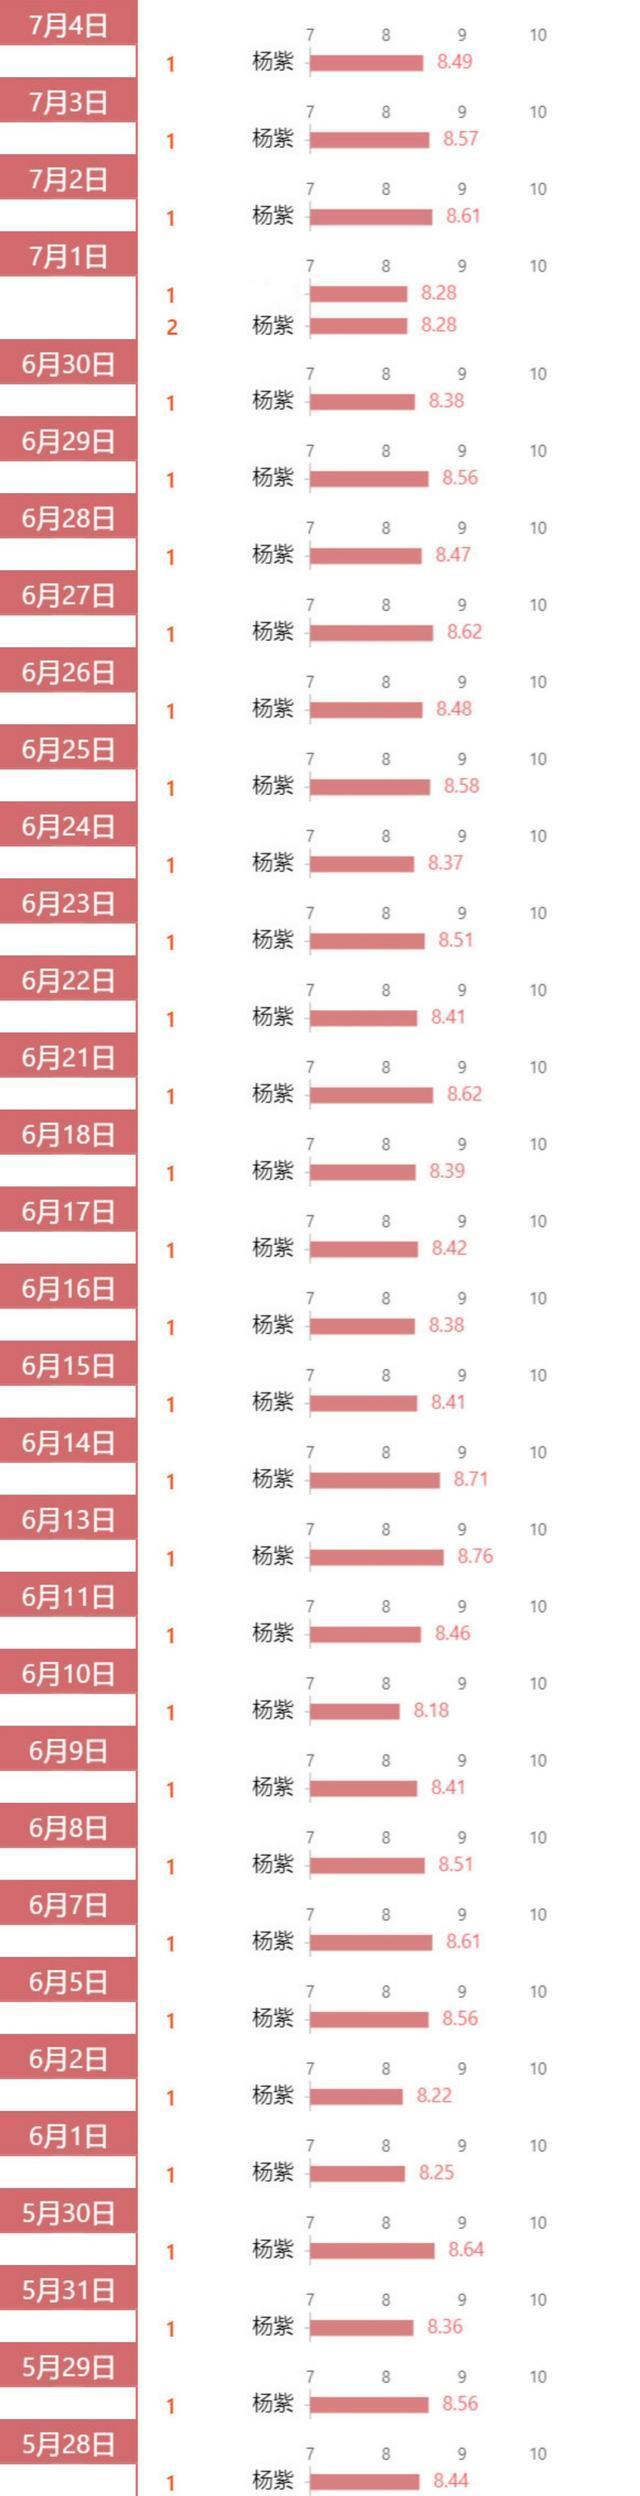 杨紫蝉联数据与品牌榜单TOP1 霸榜登顶成绩亮眼